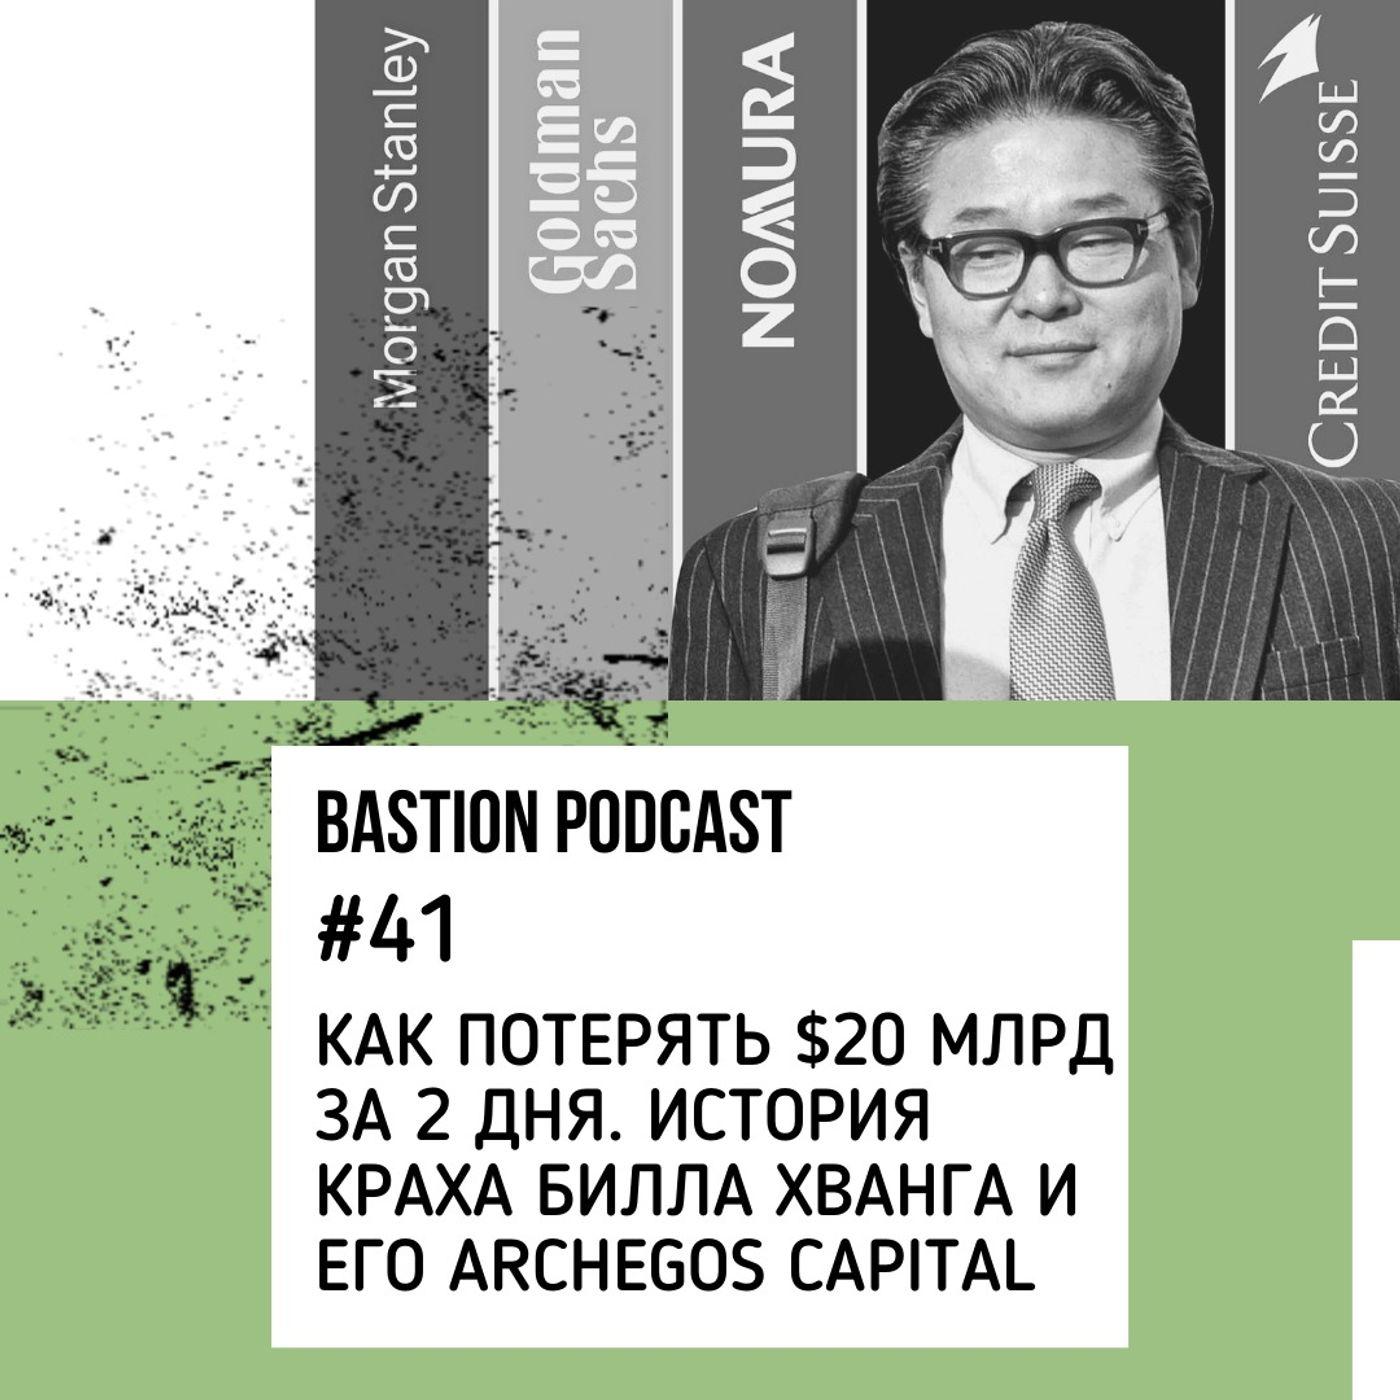 #41: Как потерять $20 млрд за 2 дня. История краха Билла Хванга и его Archegos Capital